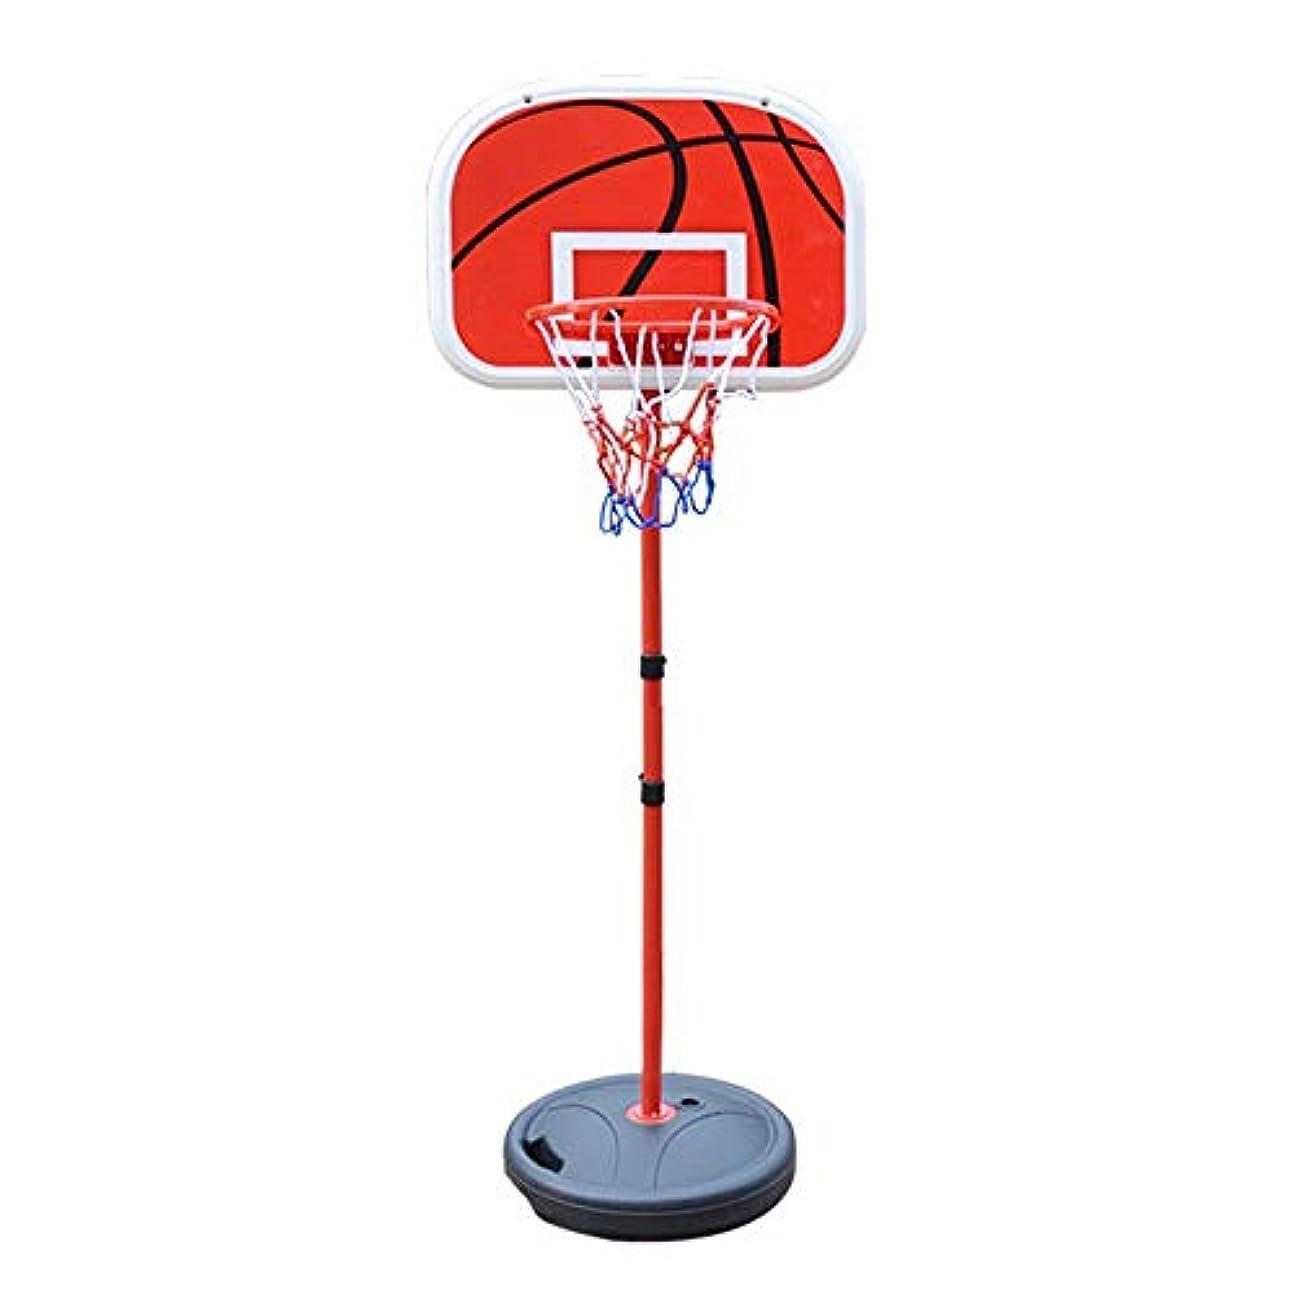 ネブ紛争羨望調節可能なバスケットボールフレーム 屋外の子供のおもちゃポータブルリムーバブルリフティング少年スポーツのおもちゃのためのバスケットボールフープ 室内屋外兼用 (色 : Black, Size : One size)